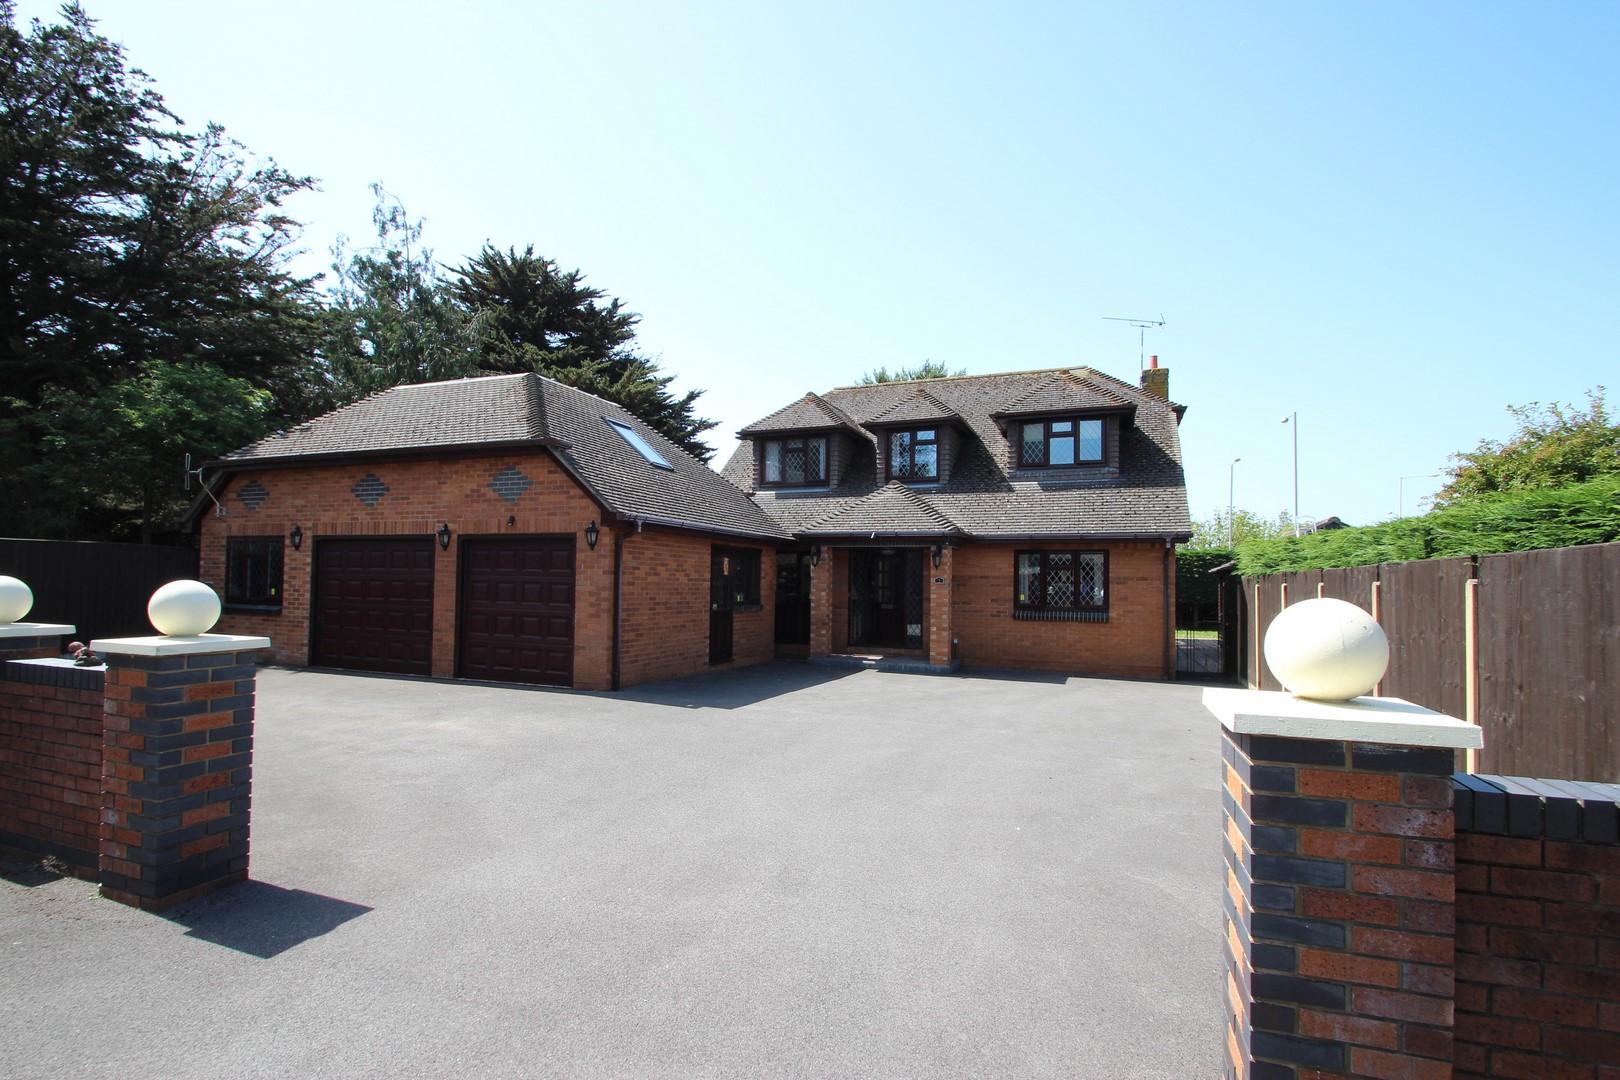 4 Bedroom House in Highcliffe